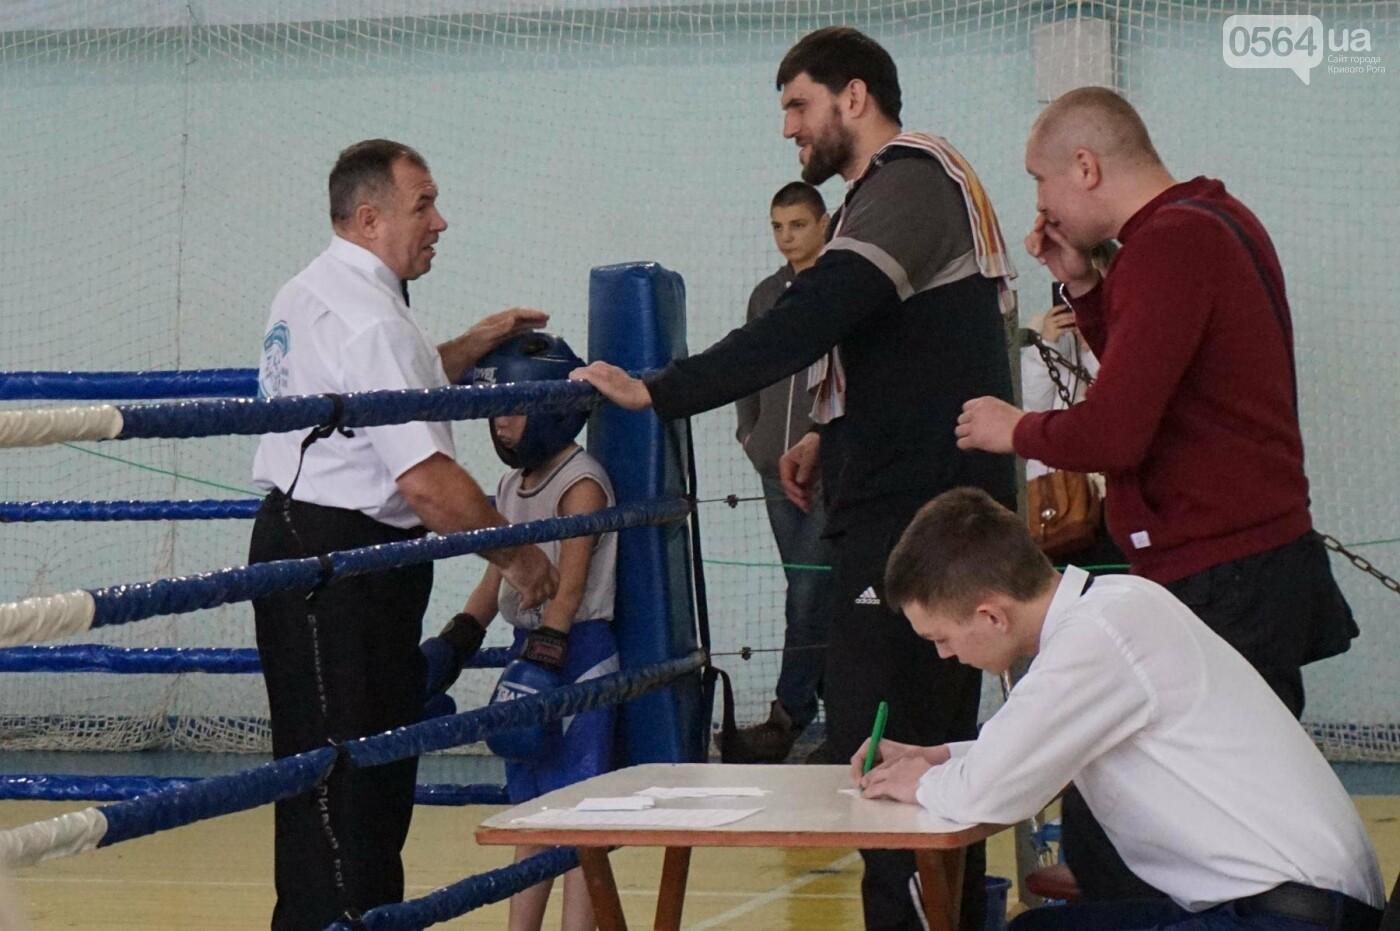 В Кривом Роге состоялся Международный турнир по боксу (ФОТО, ВИДЕО), фото-31